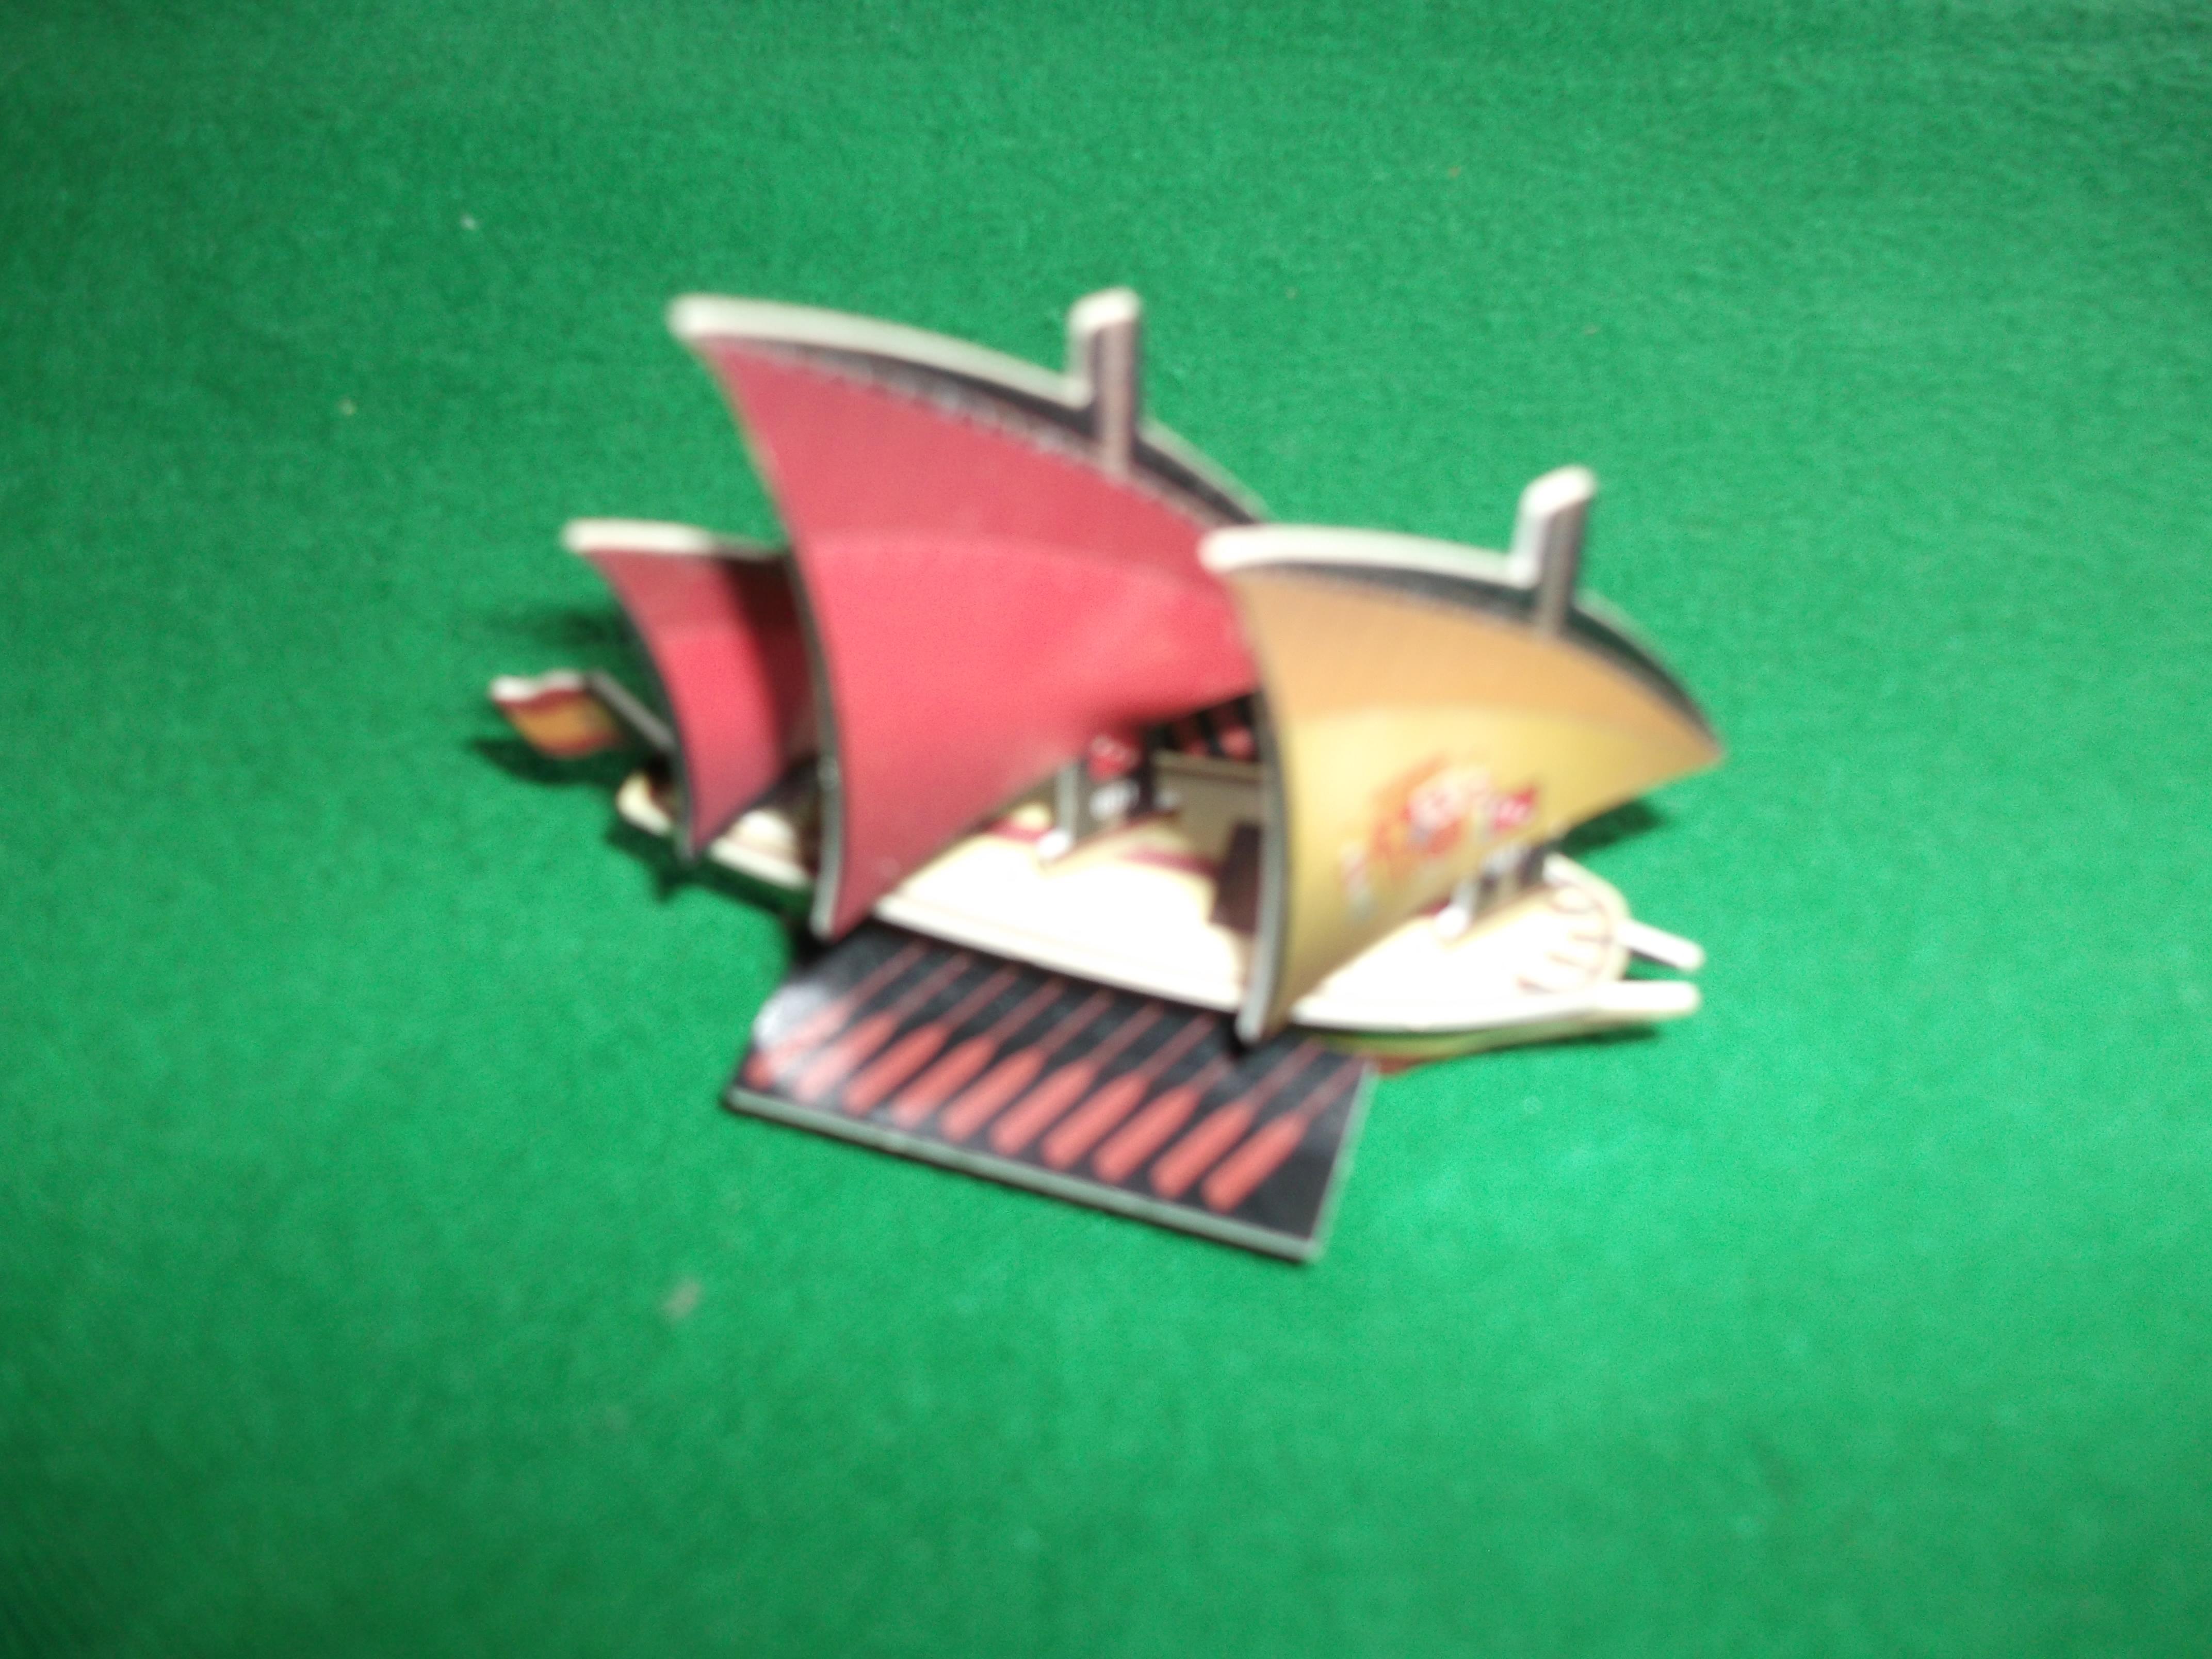 Pirate ship card naval wargames by Wizkids | Lone Warrior Blog